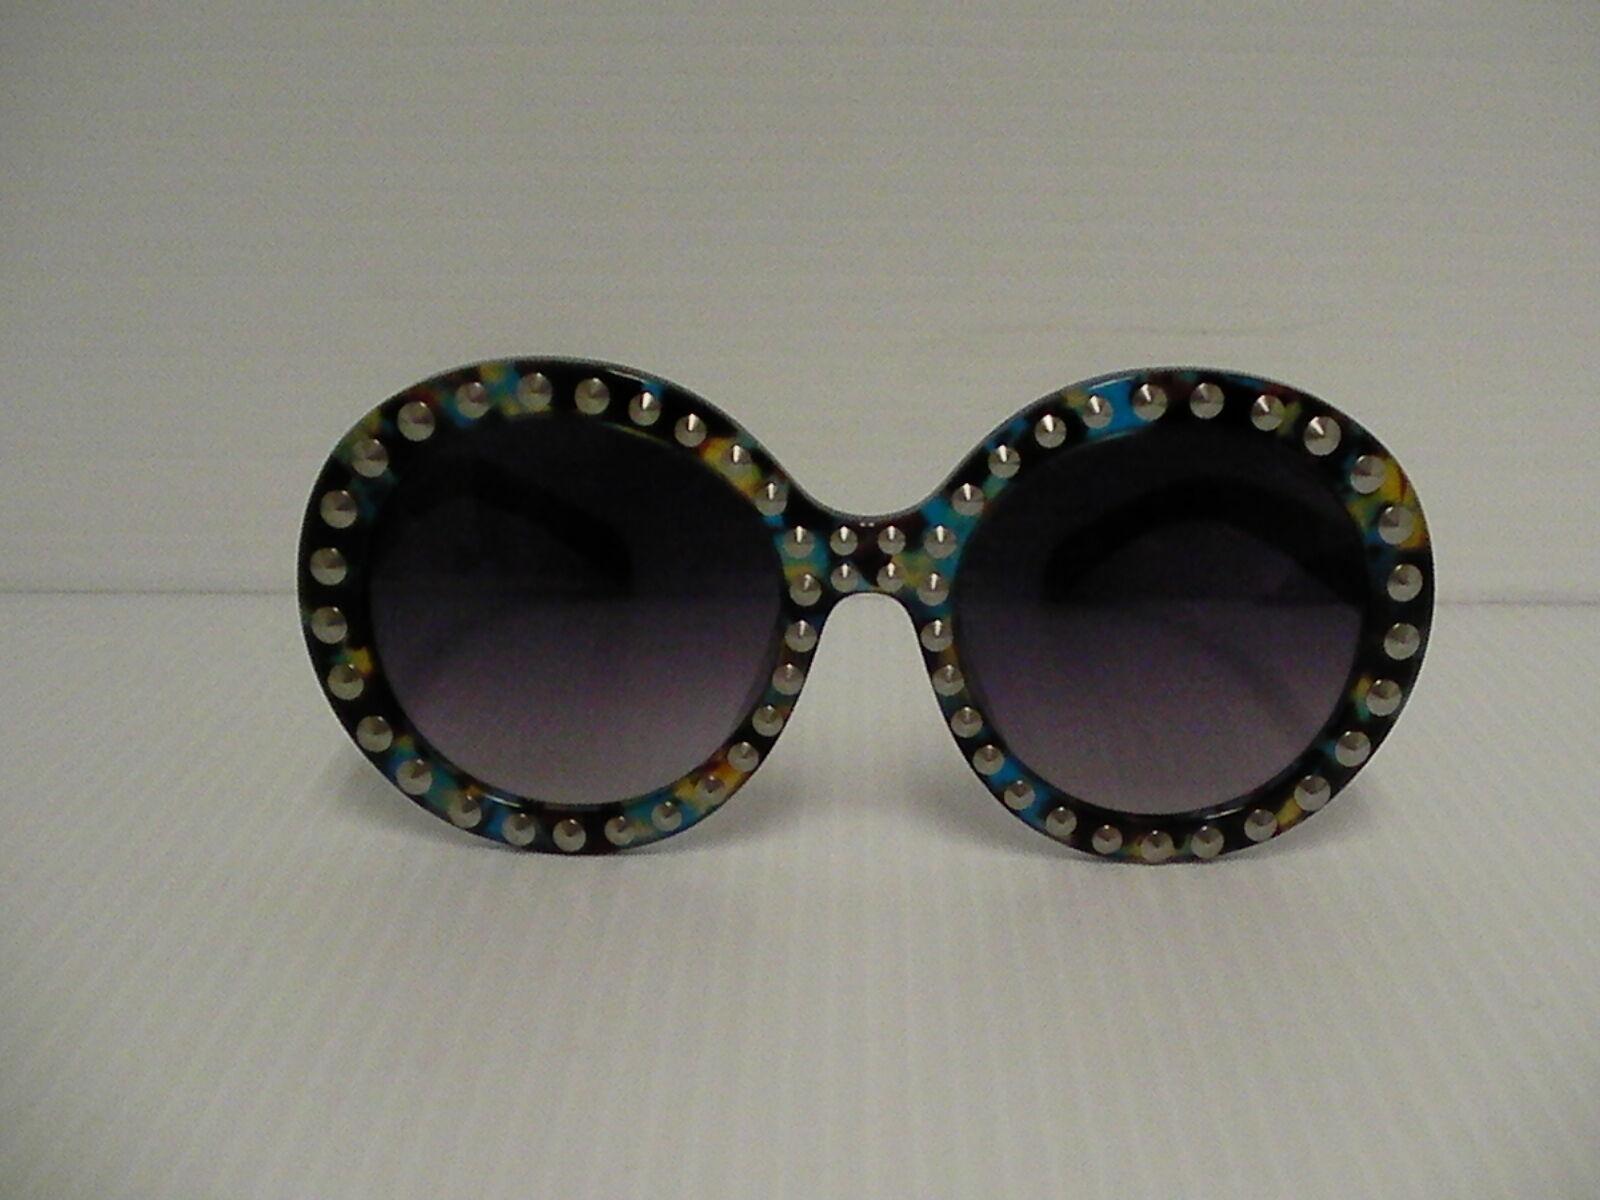 Femmes Prada Lunettes de Soleil Rondes avec Émaillé Style Spr29qsk Tkf-Oa7 image 2